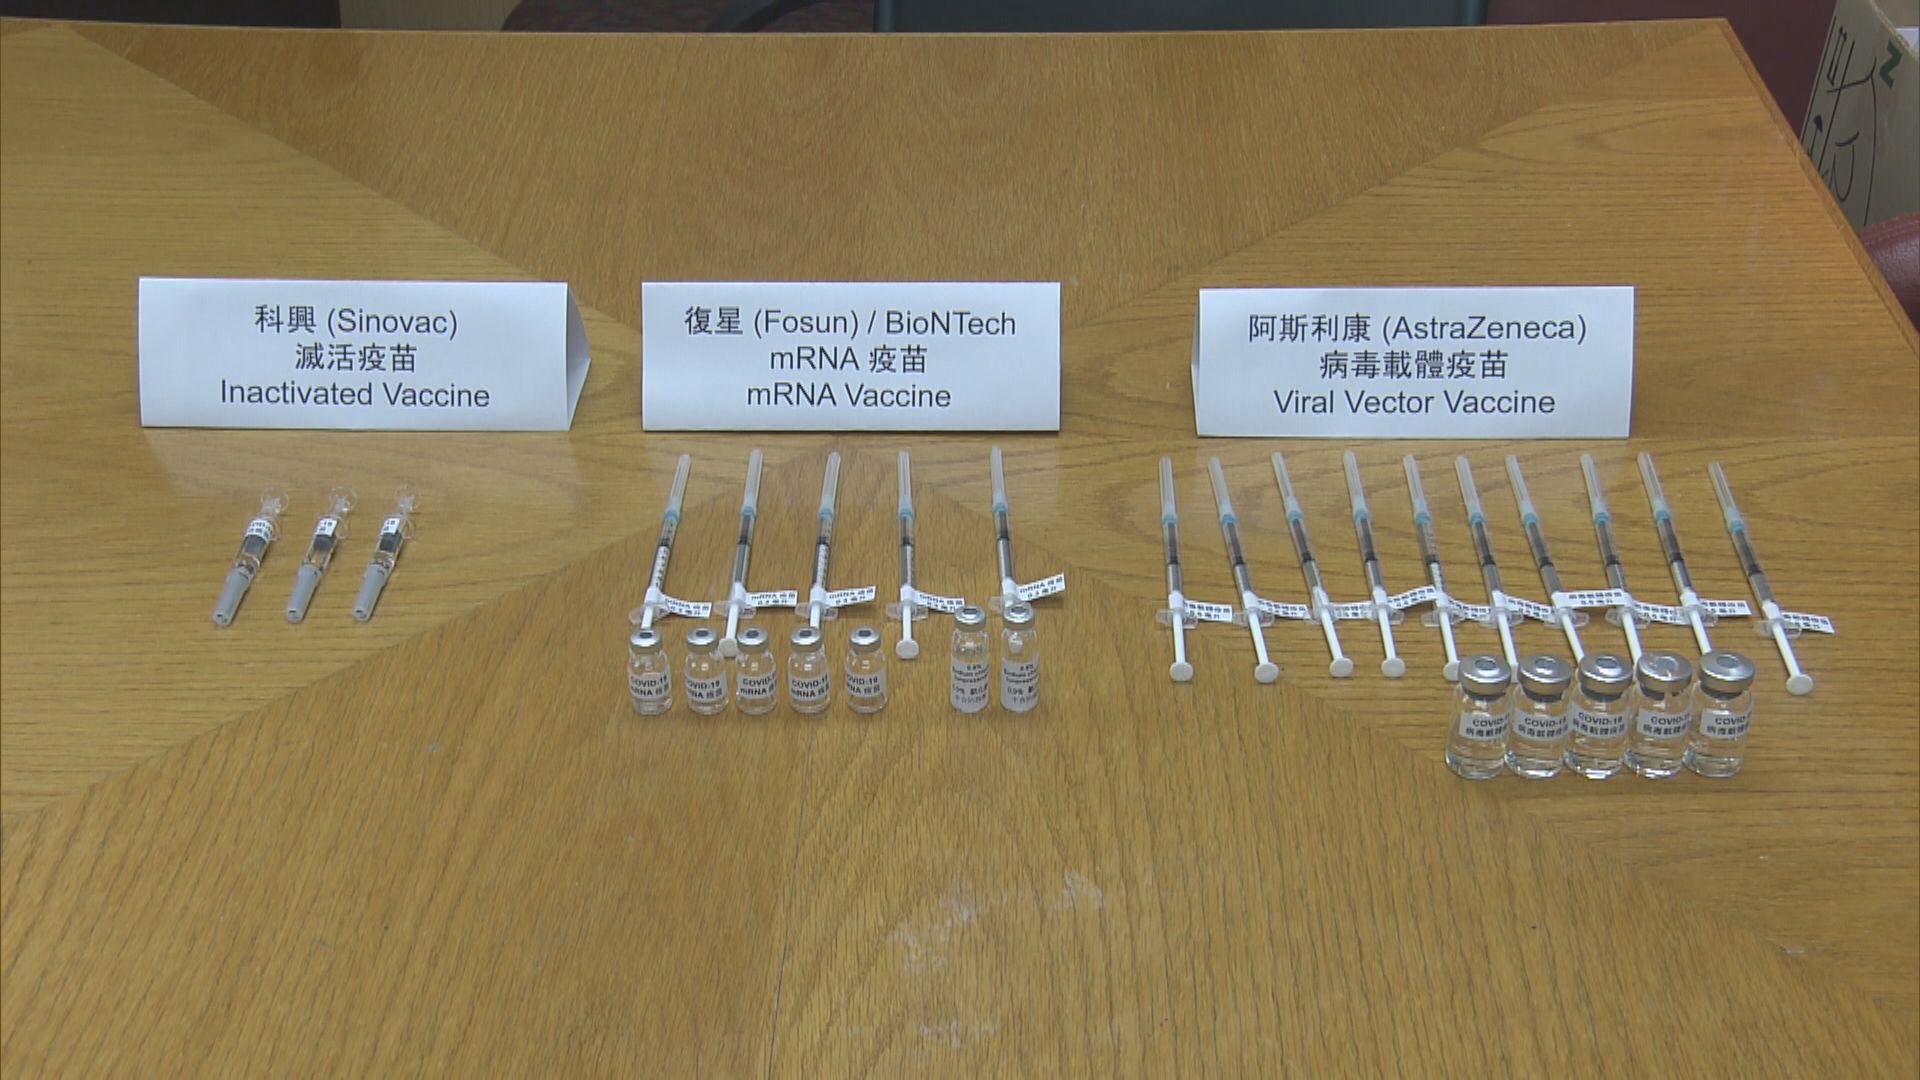 許樹昌:科興及英國牛津疫苗可於門診接種